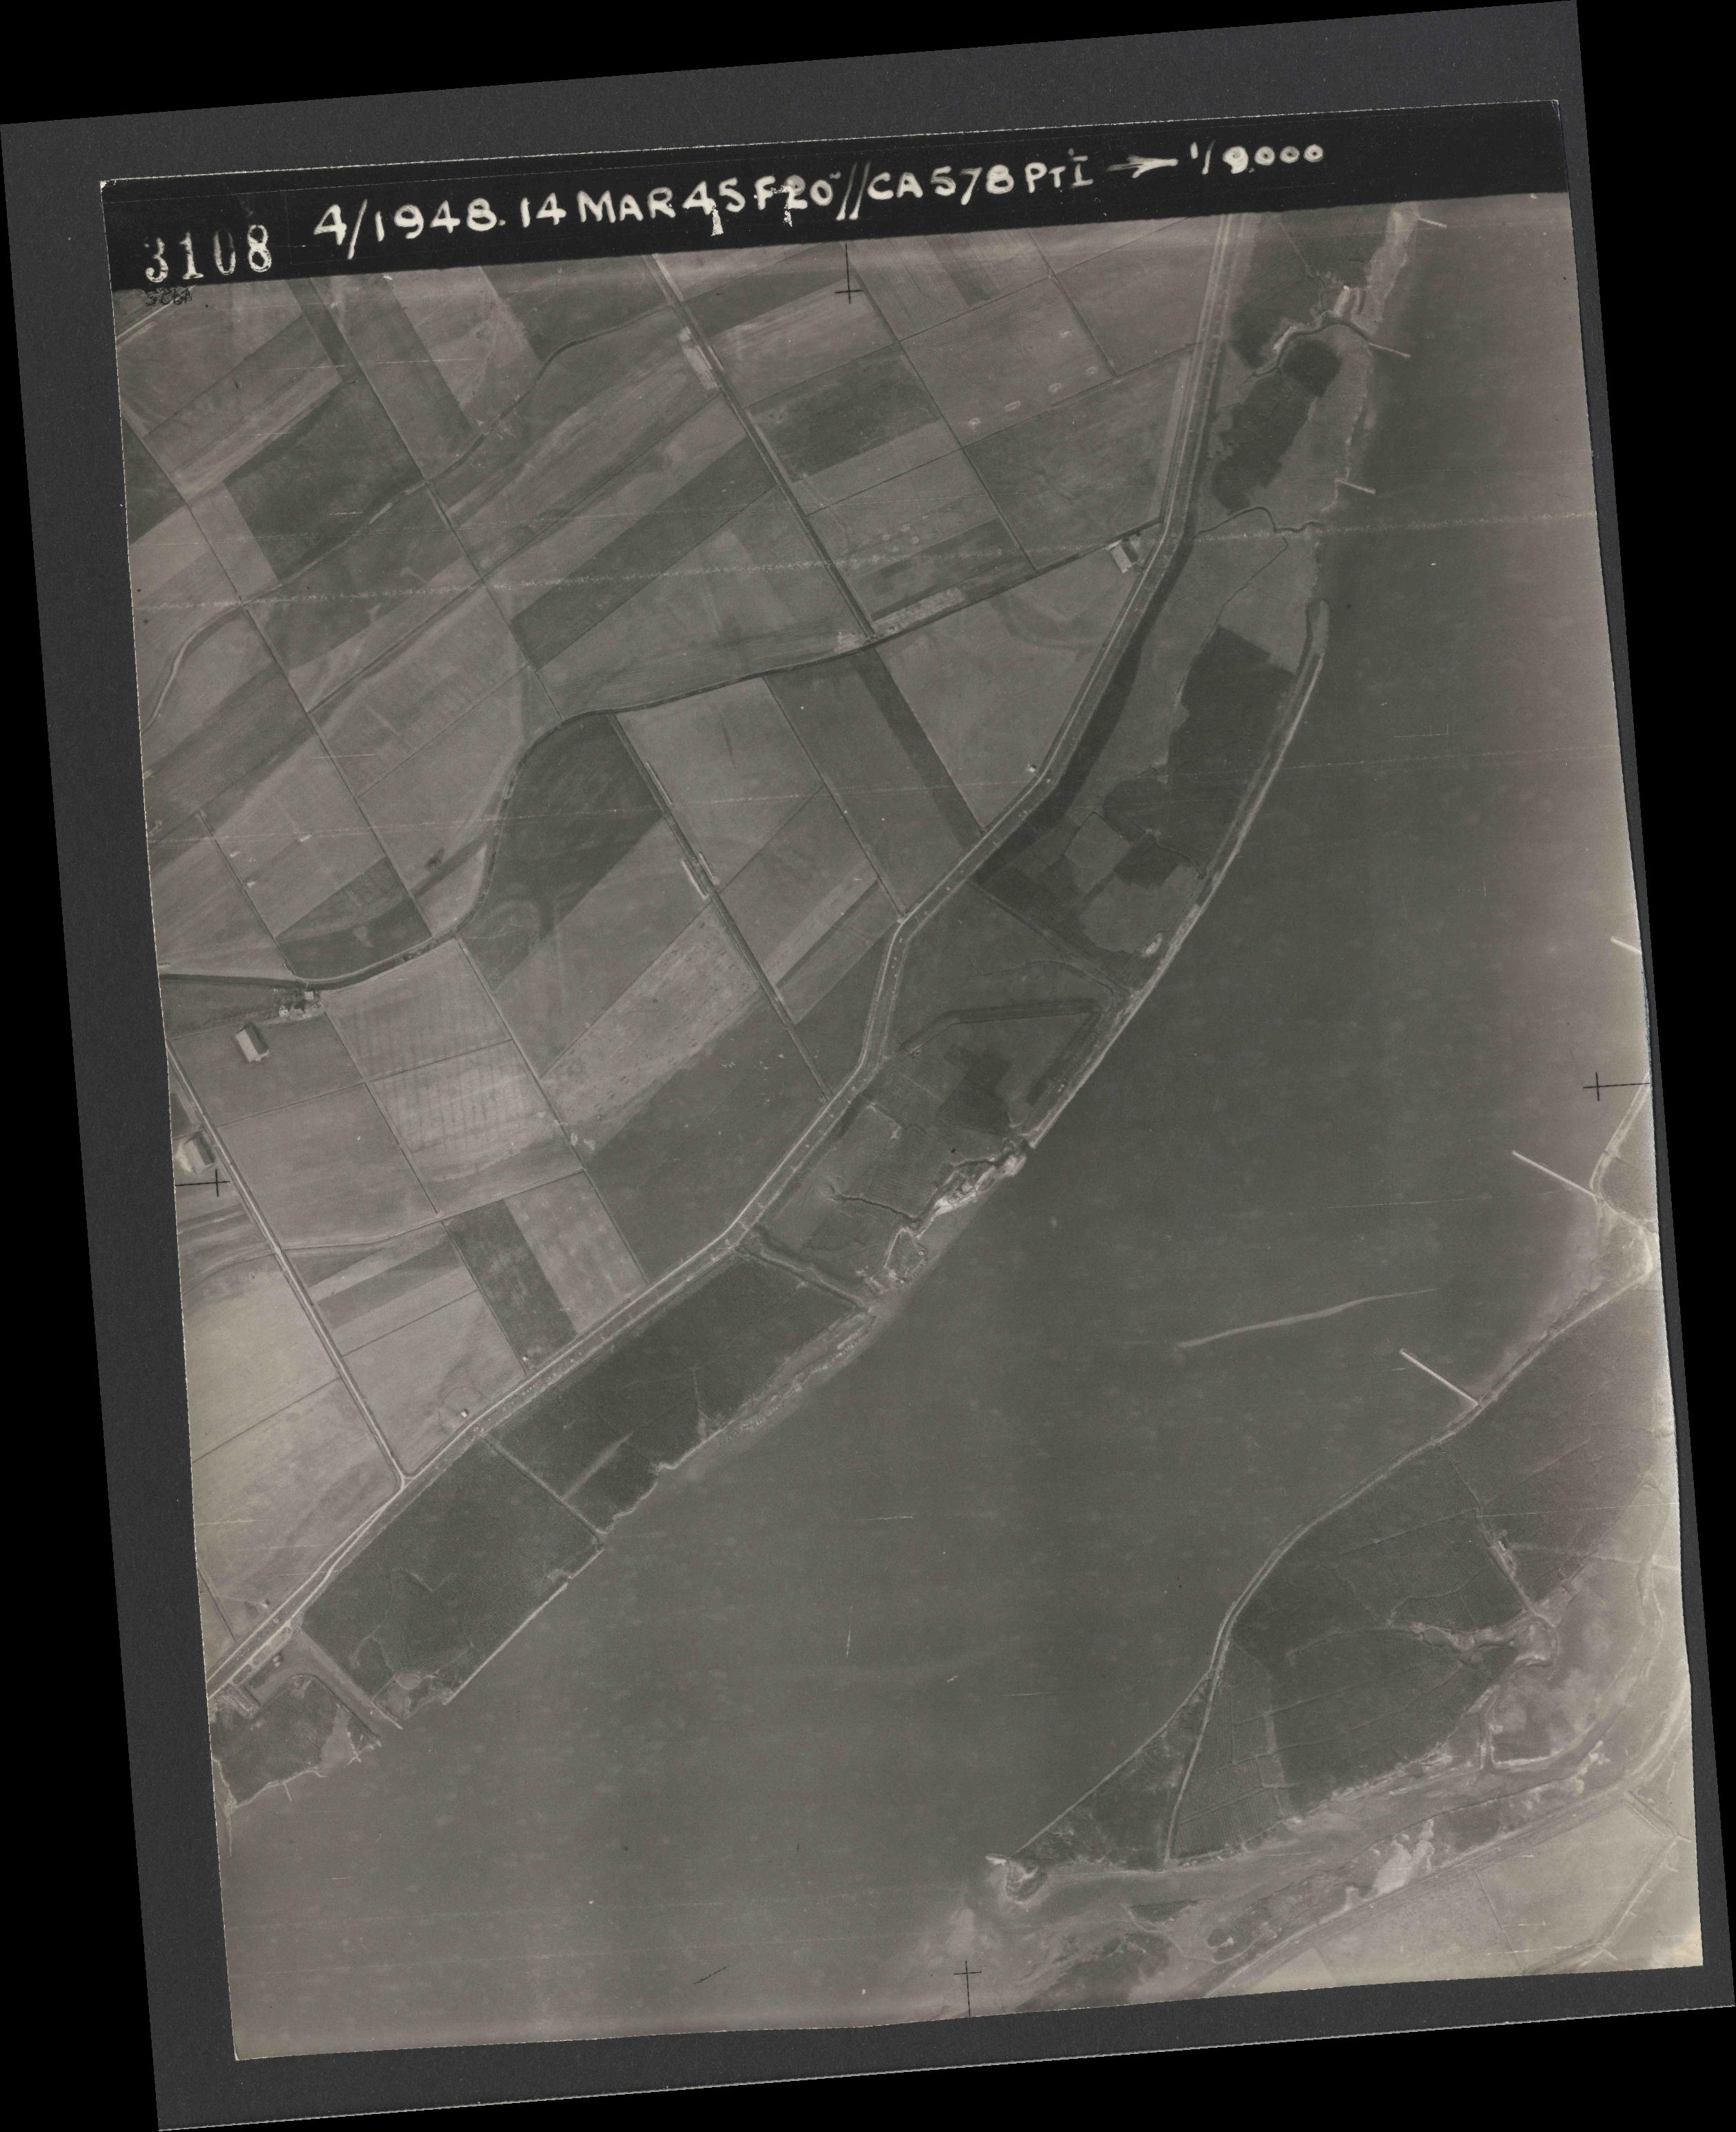 Collection RAF aerial photos 1940-1945 - flight 095, run 02, photo 3108